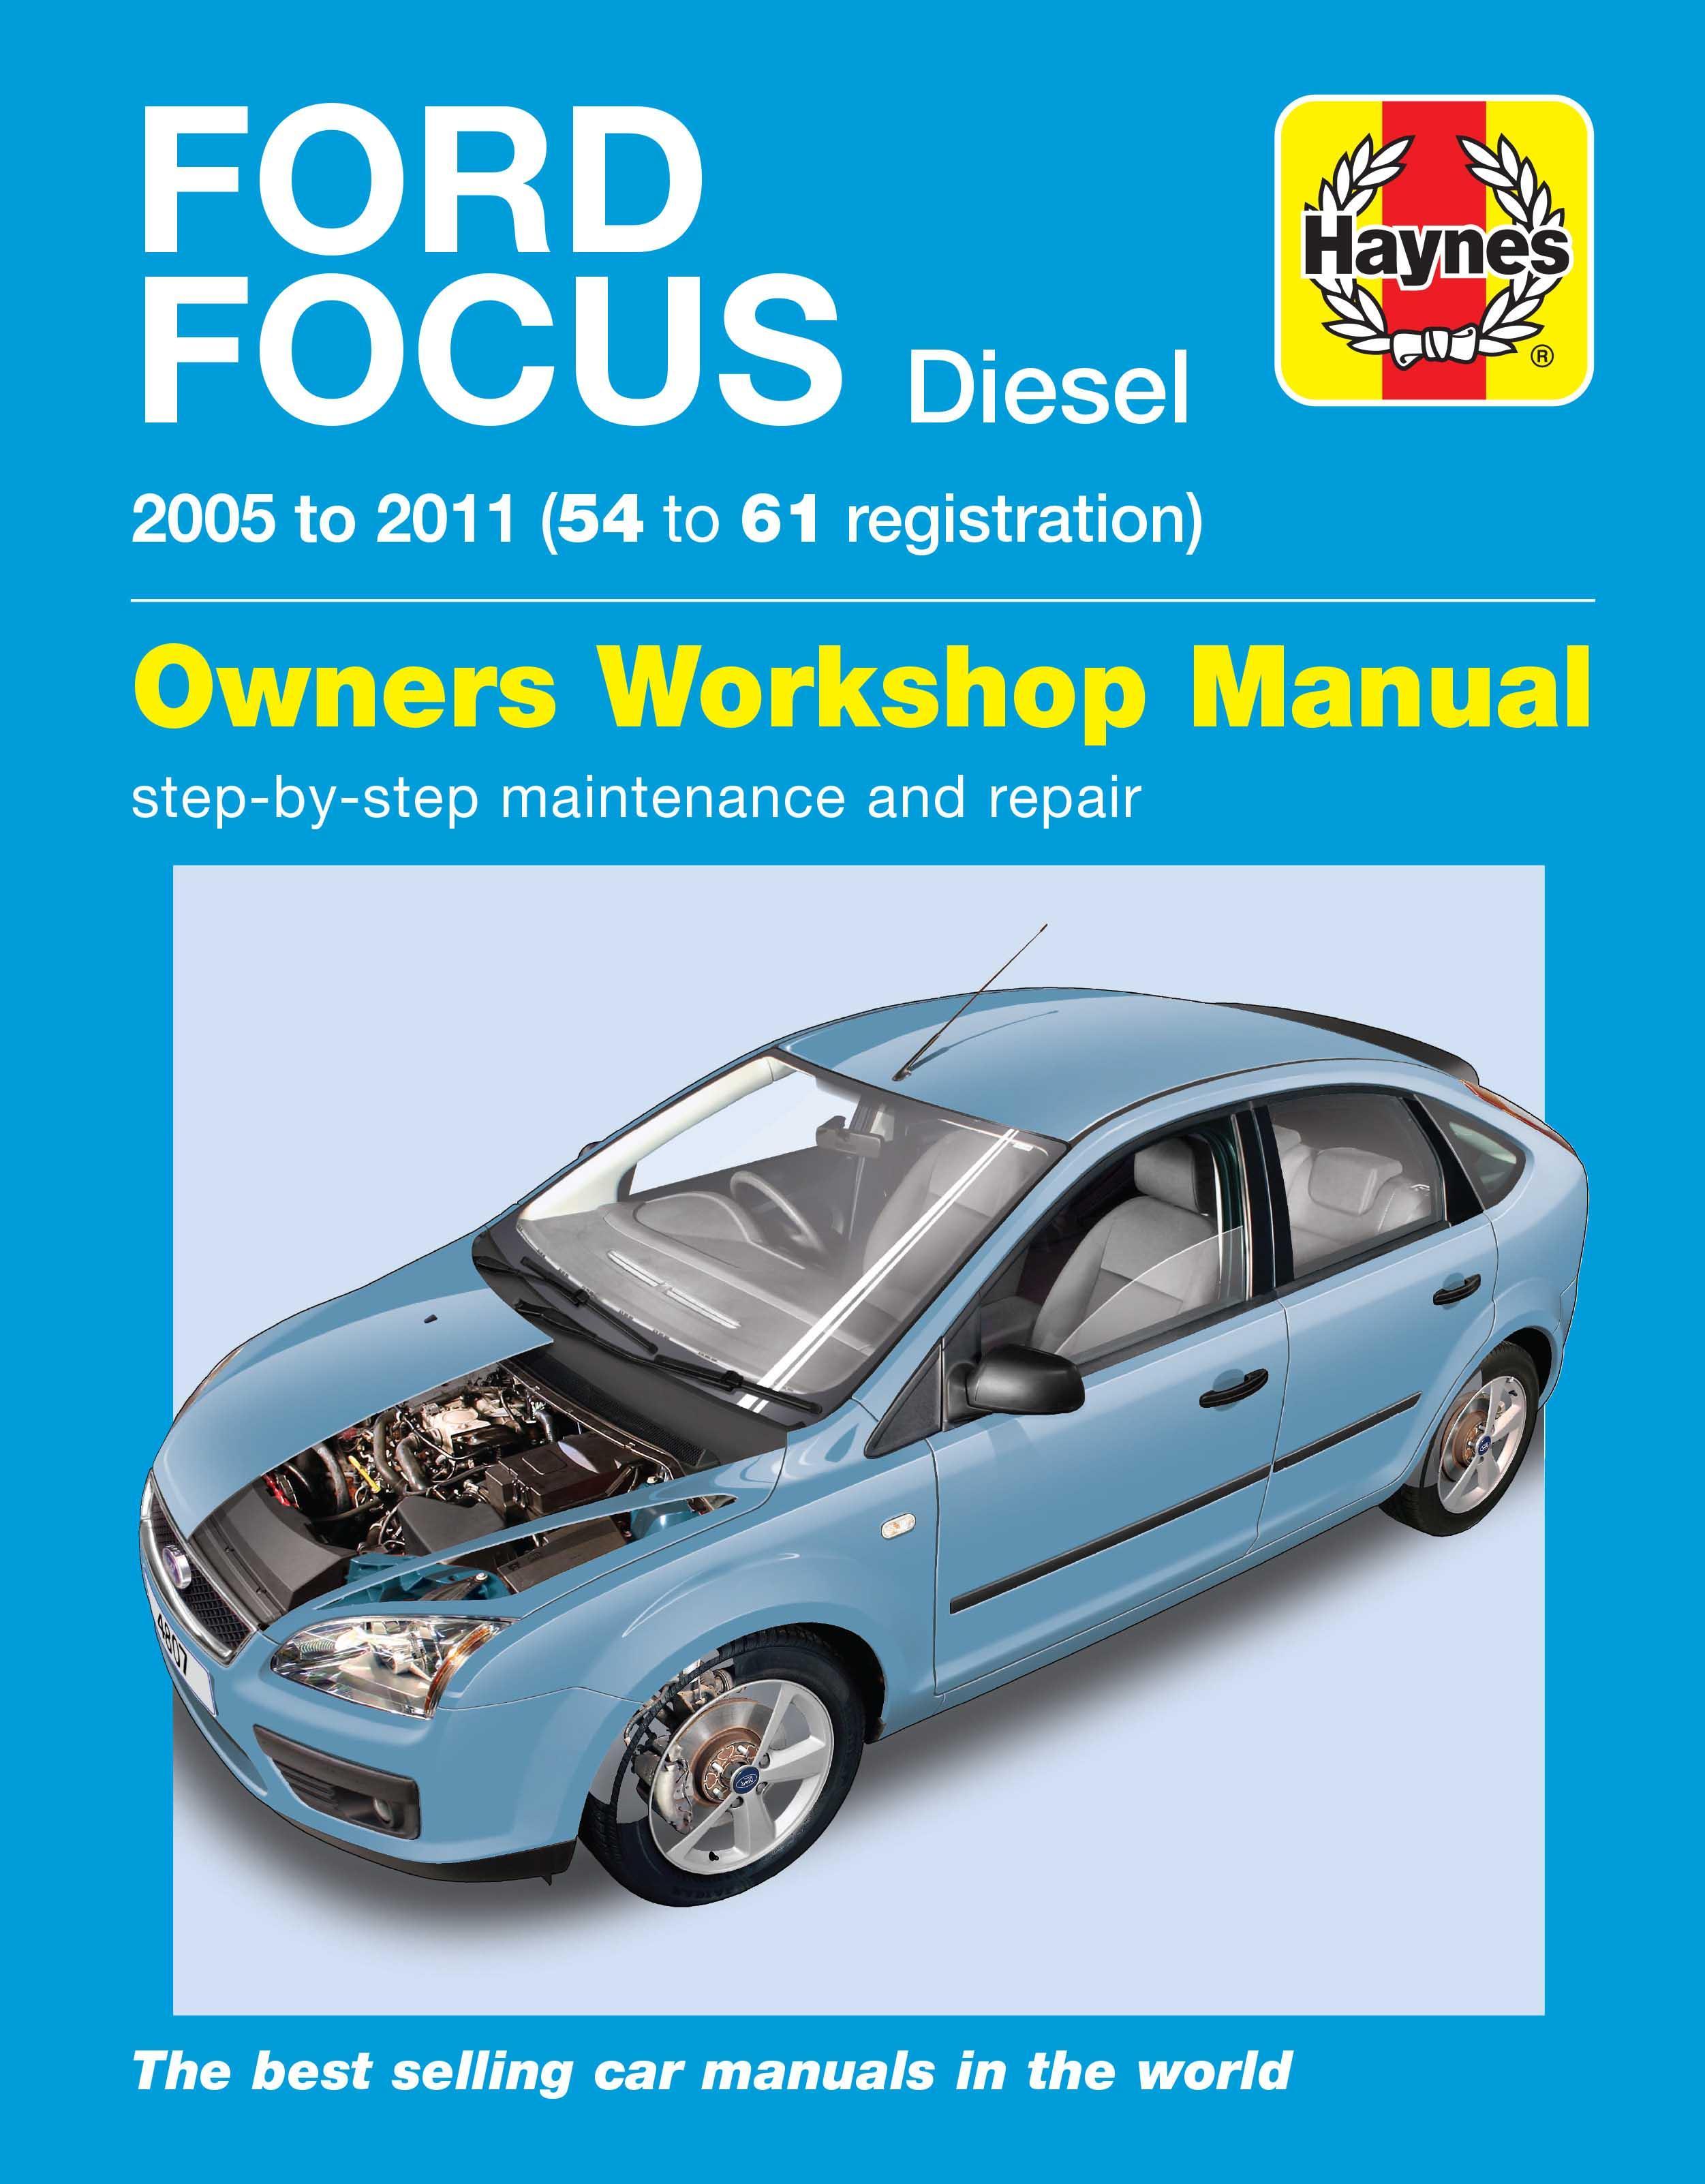 haynes ford focus diesel 05 09 ma rh halfords com ford focus 2 service manual ford focus mk2 service manual pdf